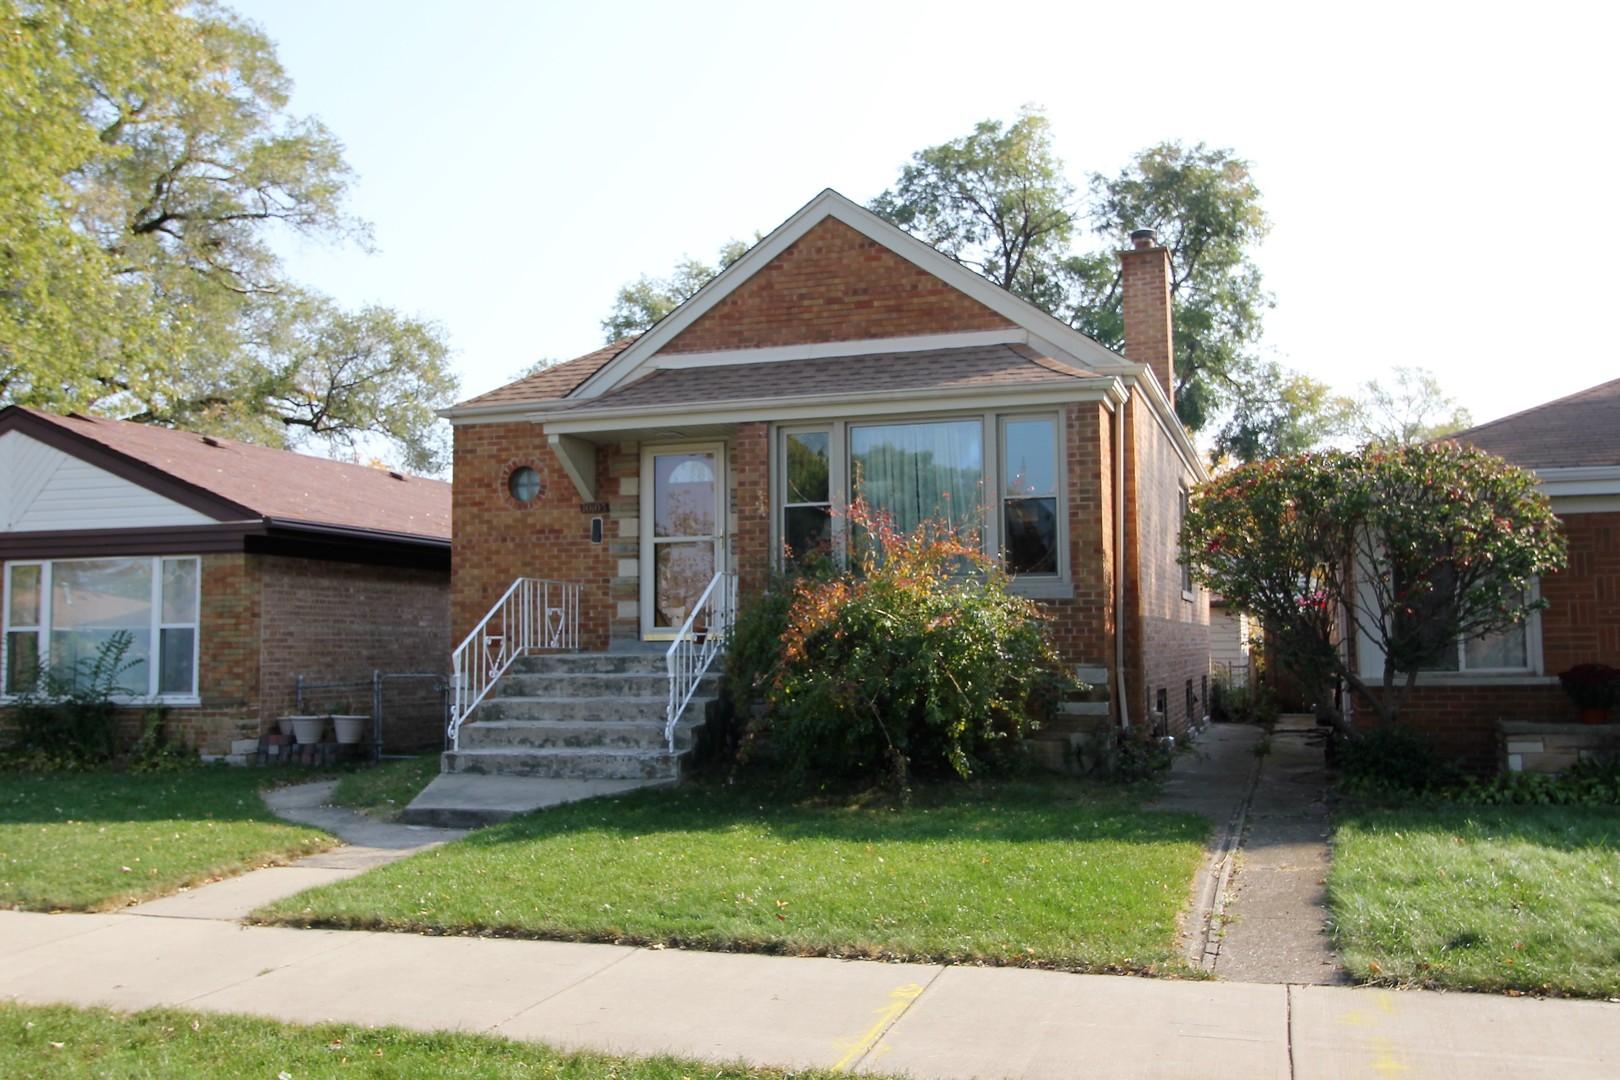 Photo of 10105 California Chicago IL 60655